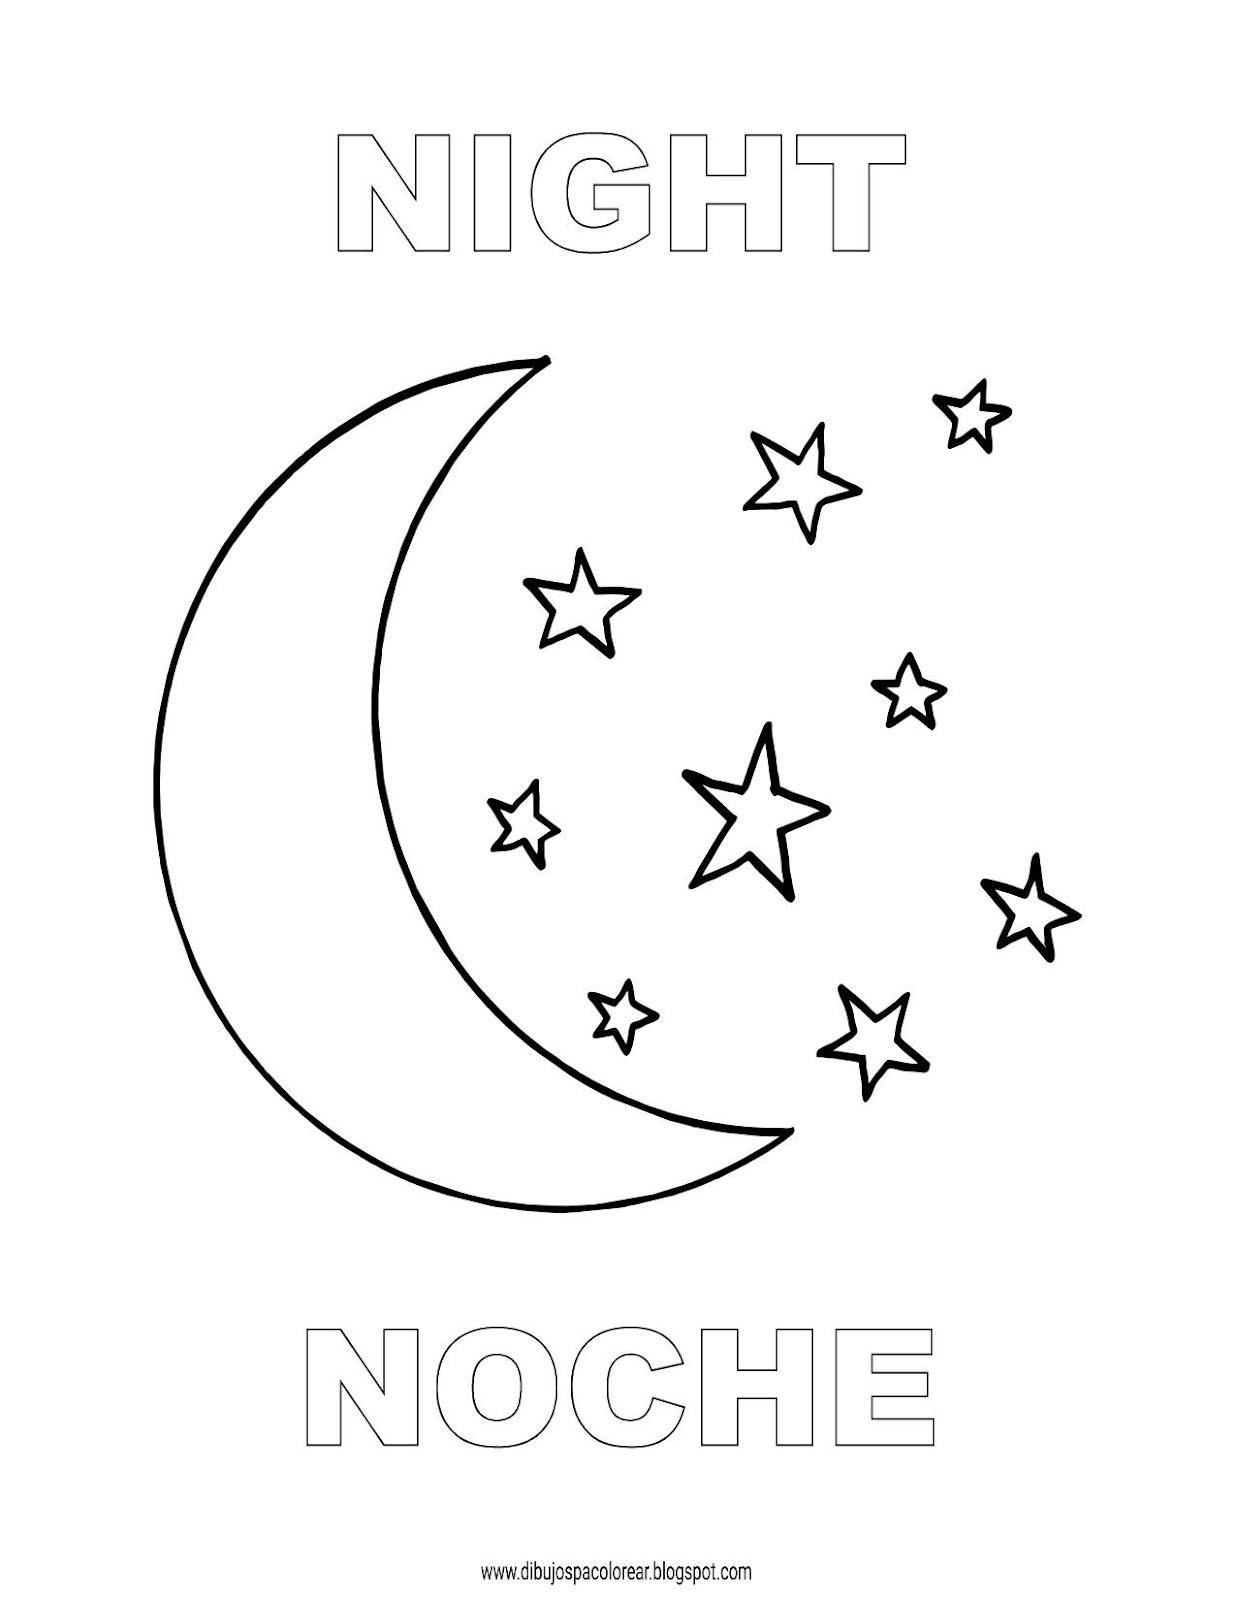 Dibujos Inglés Español Con N Noche Night